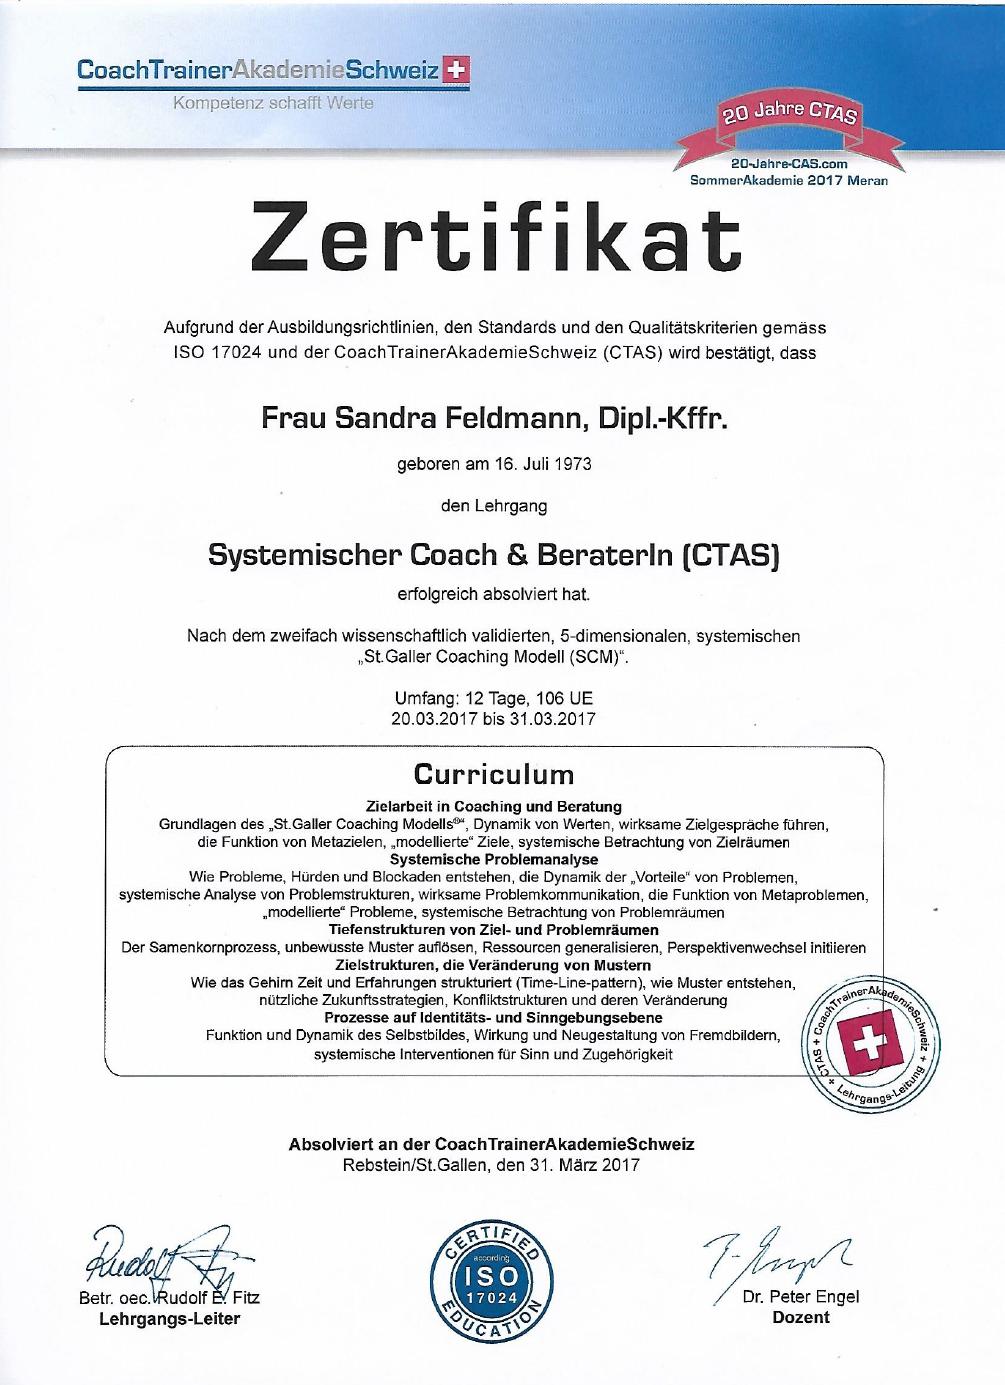 systemischer Coach und Berater, CoachTrainer Akademie Schweiz